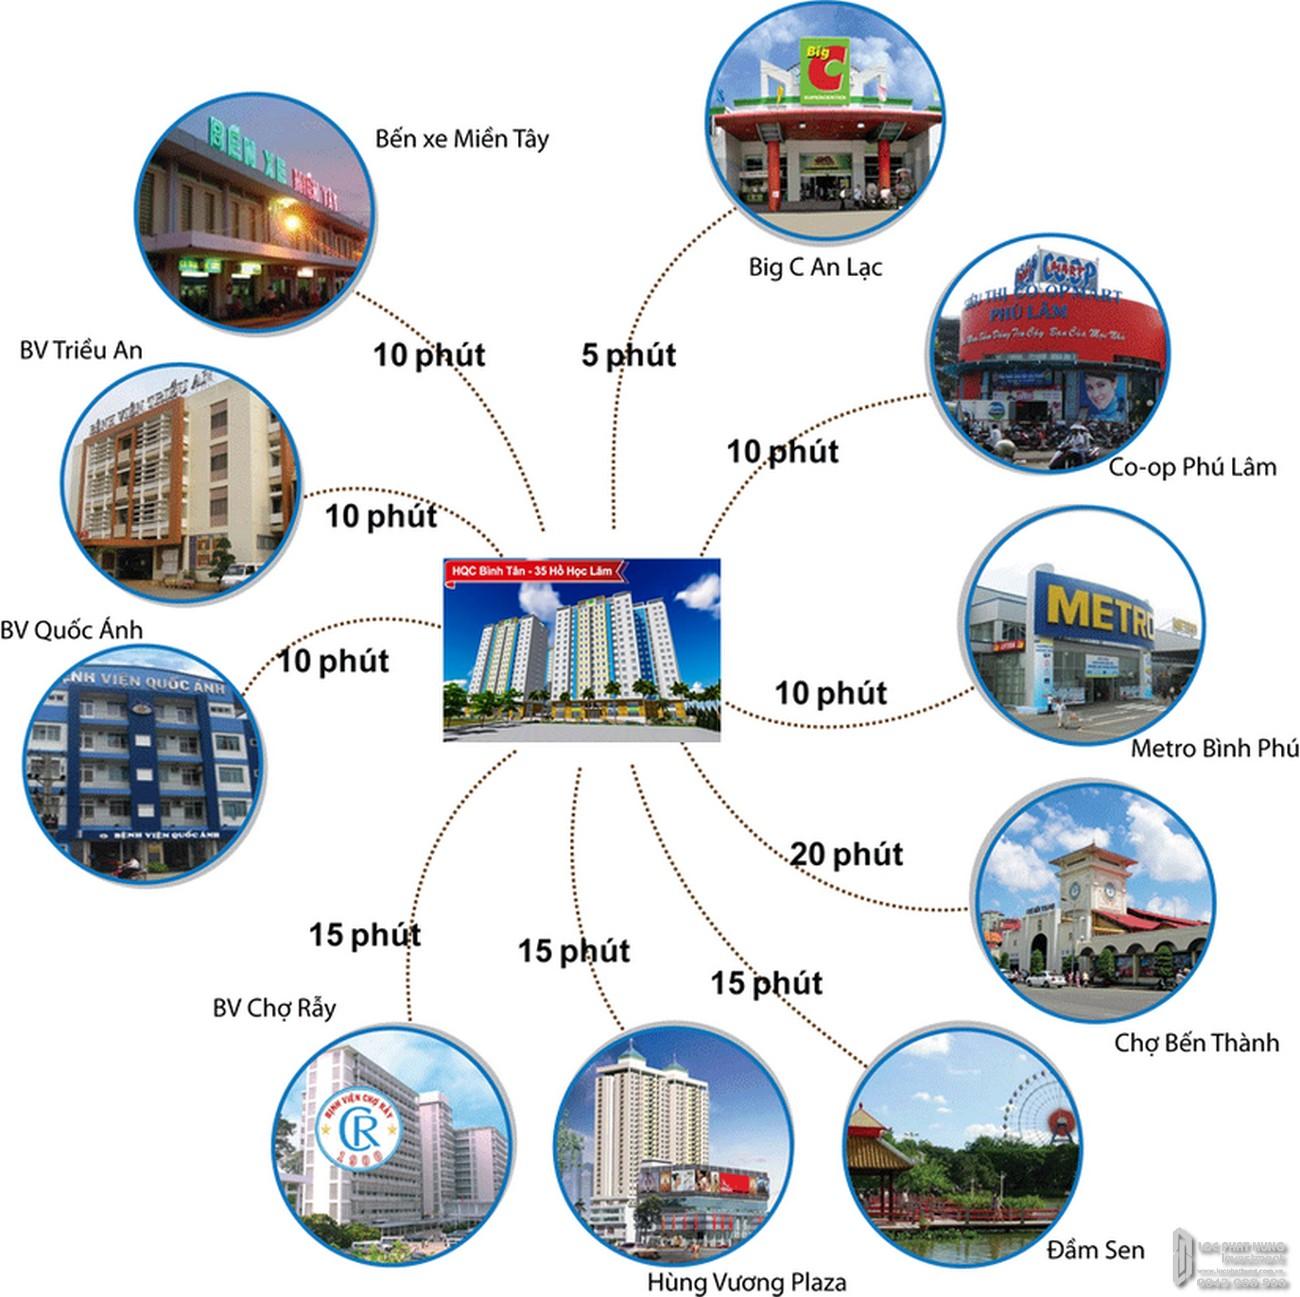 Vị trí địa chỉ dự án căn hộ chung cư The Park Residence Nhà Bè Đường Nguyễn Hữu Thọ chủ đầu tư Phú Hoàng Anh